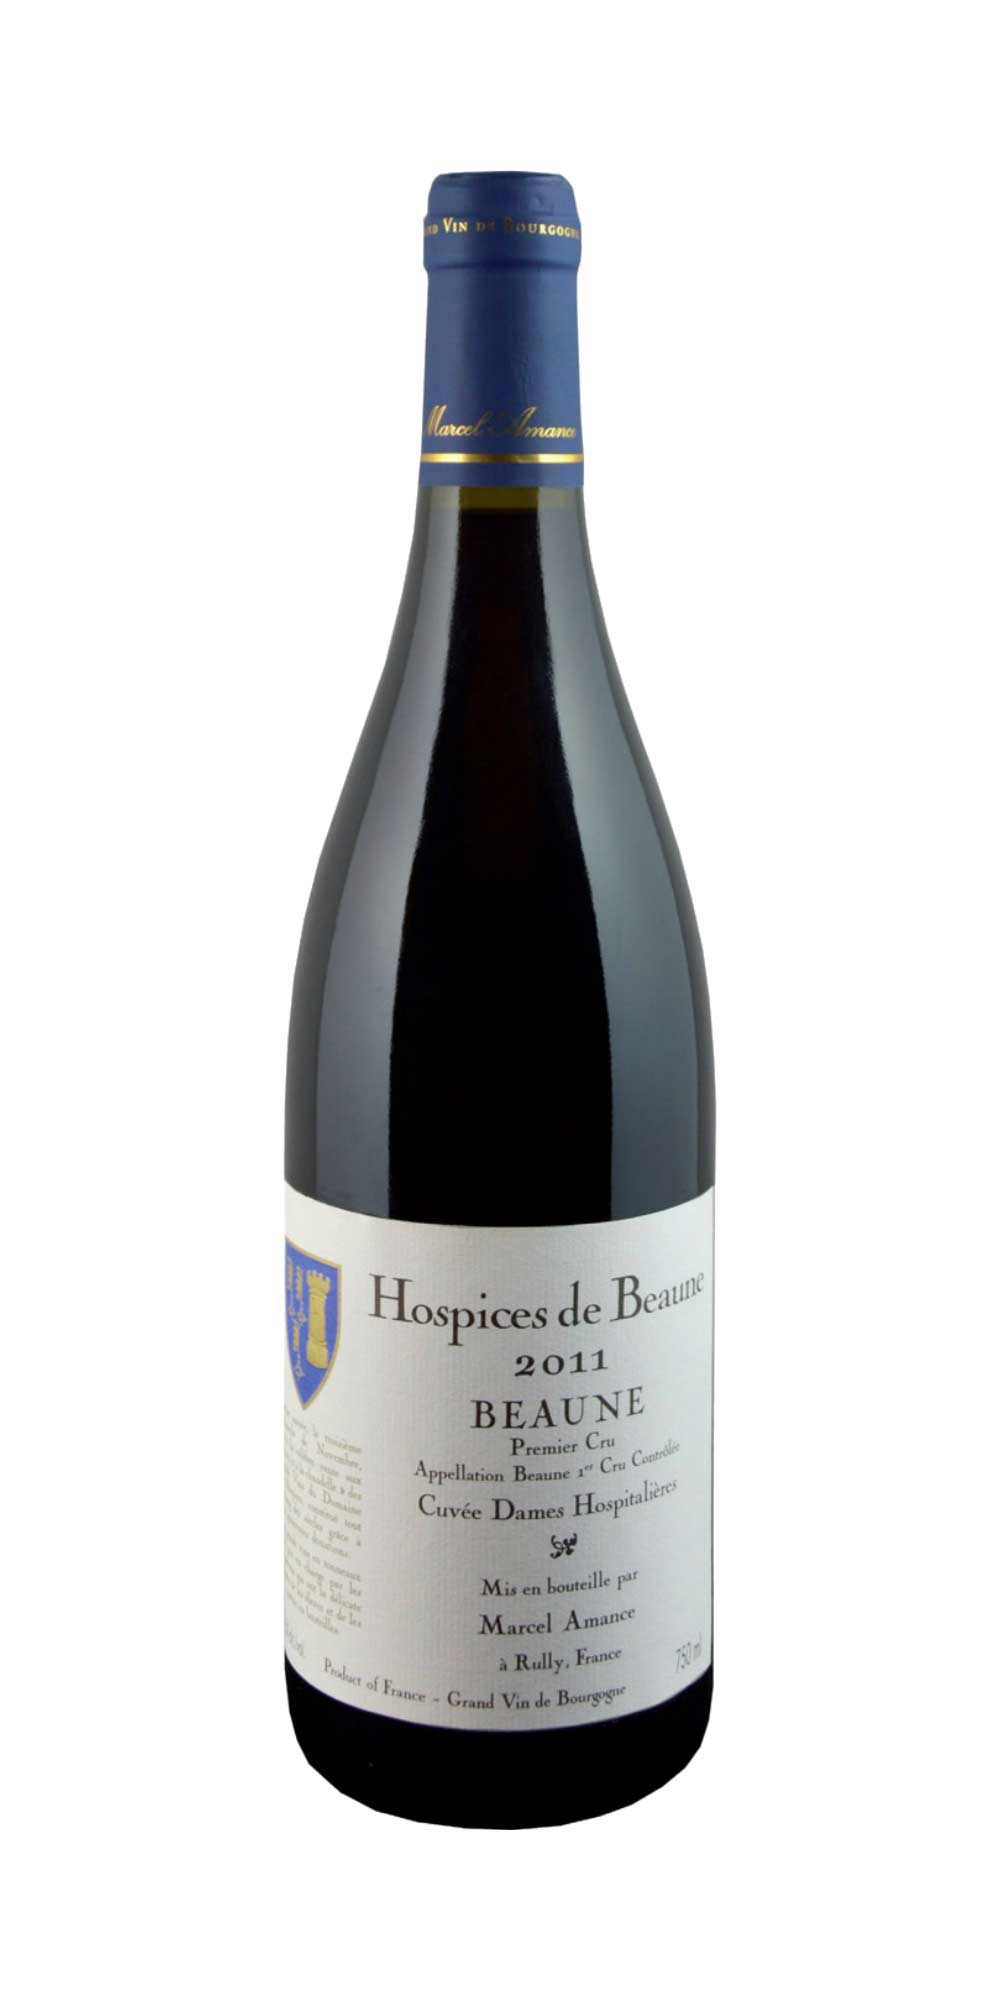 Beaume Hospices de Beaume Cuvée Dames Hospitalières 2011 - Wine il vino